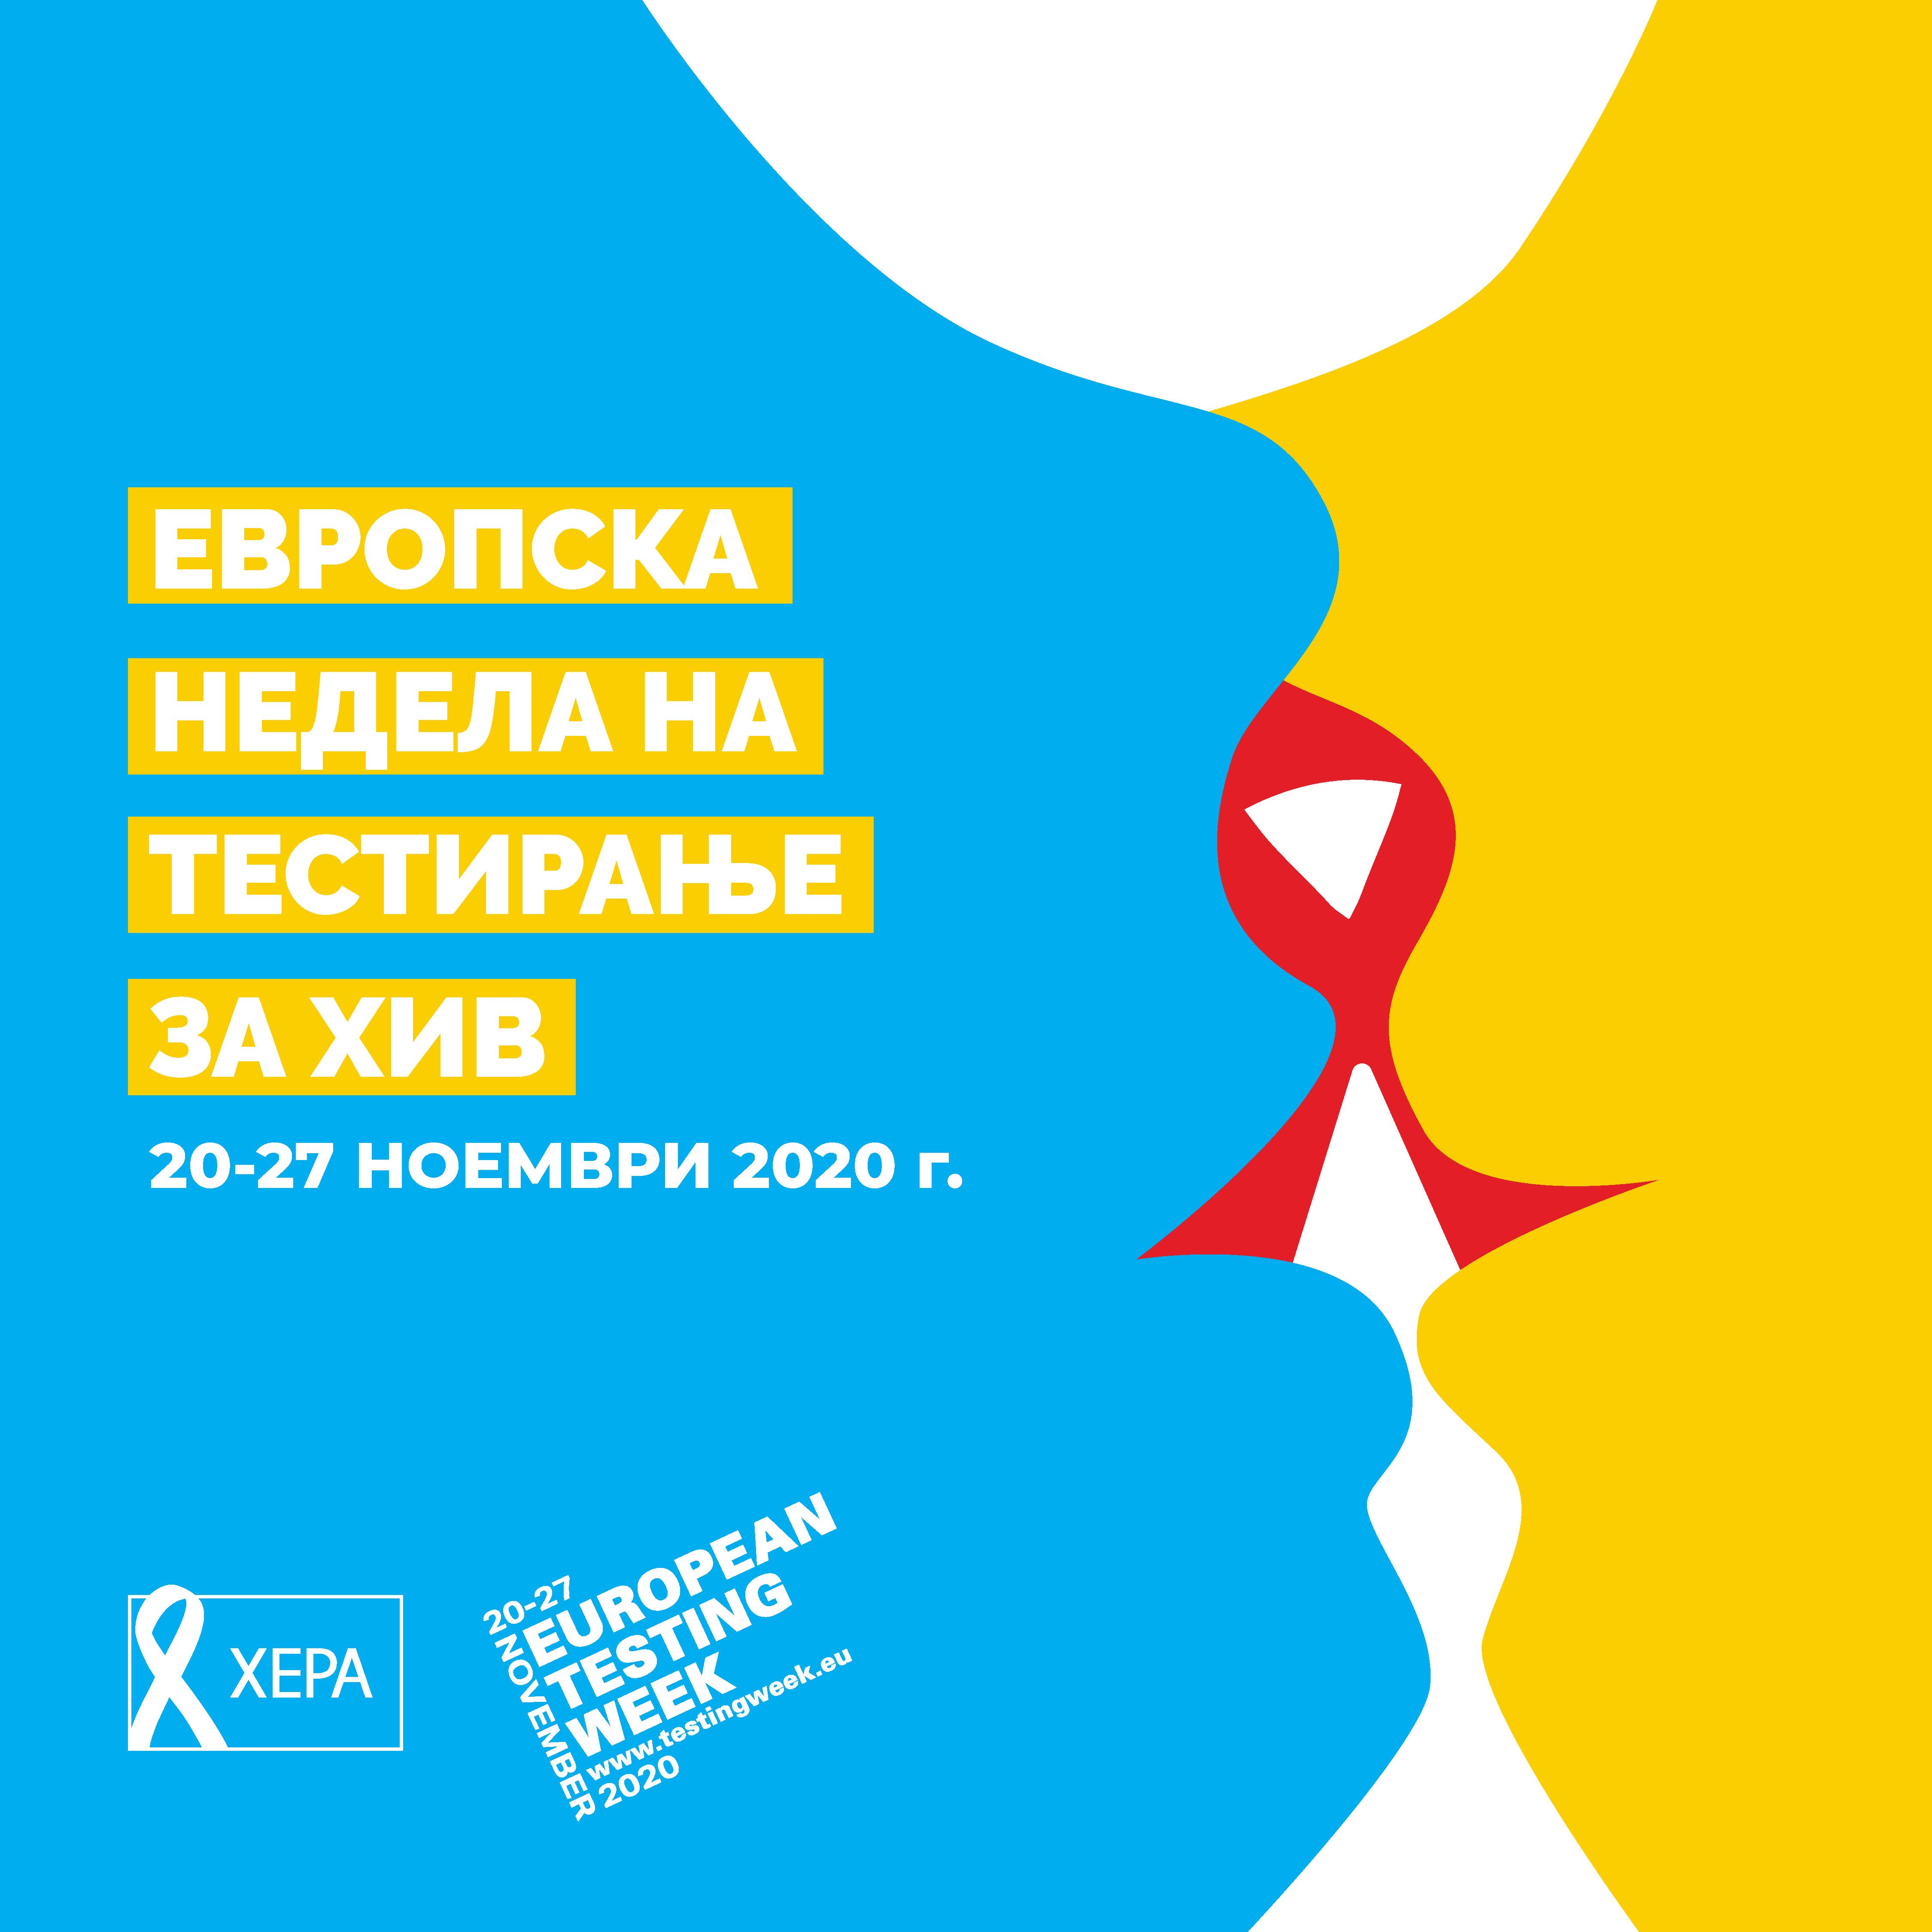 Кампања за Европската недела на тестирање за ХИВ